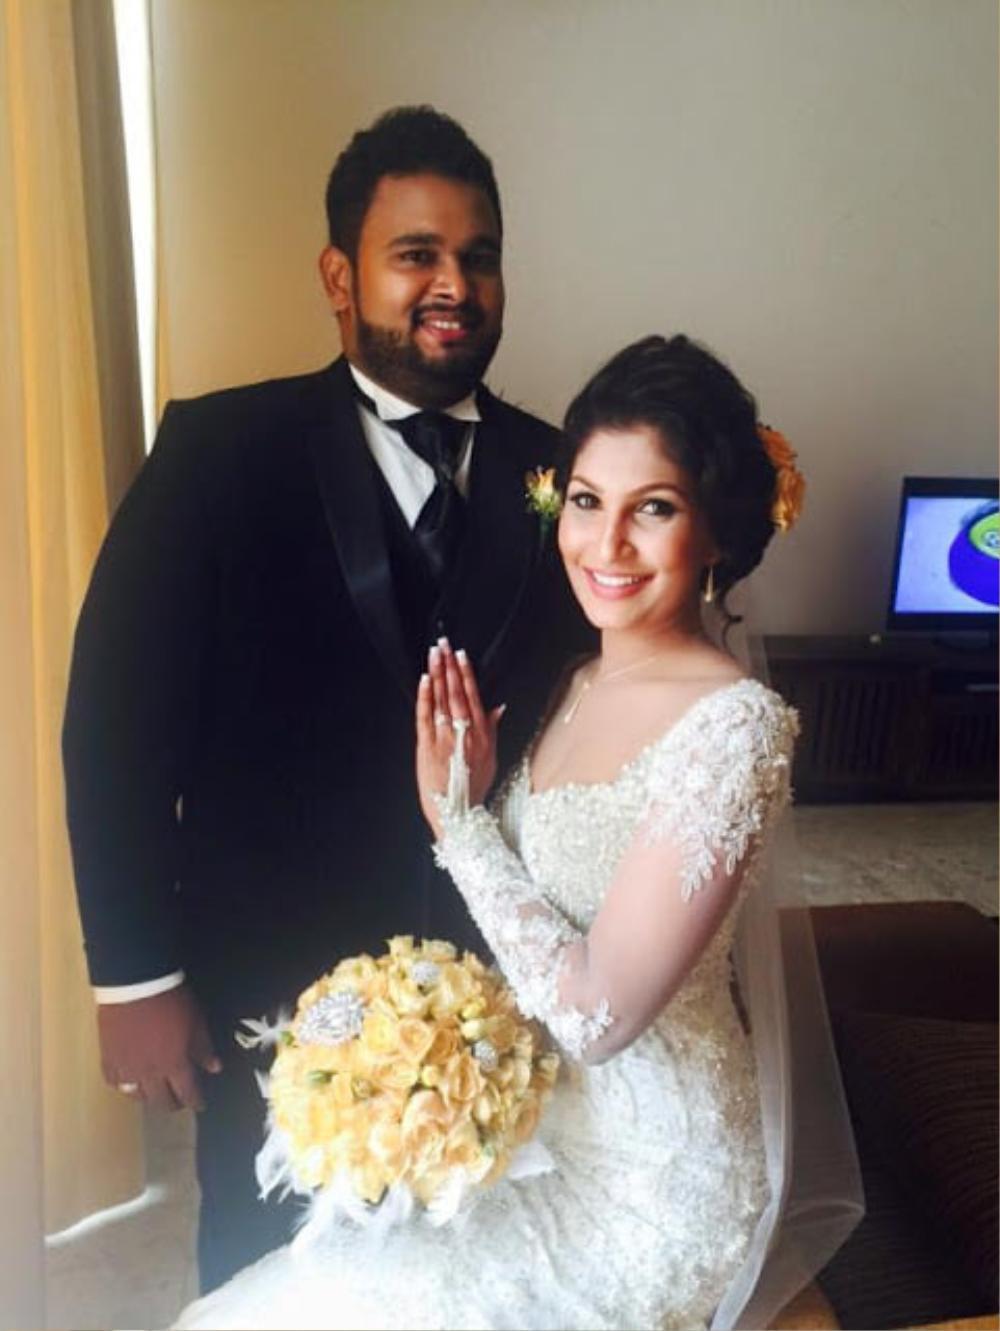 Mới đăng quang hoa hậu, quý bà Sri Lanka bị giật vương miện trên sân khấu, chấn thương phải nhập viện Ảnh 10